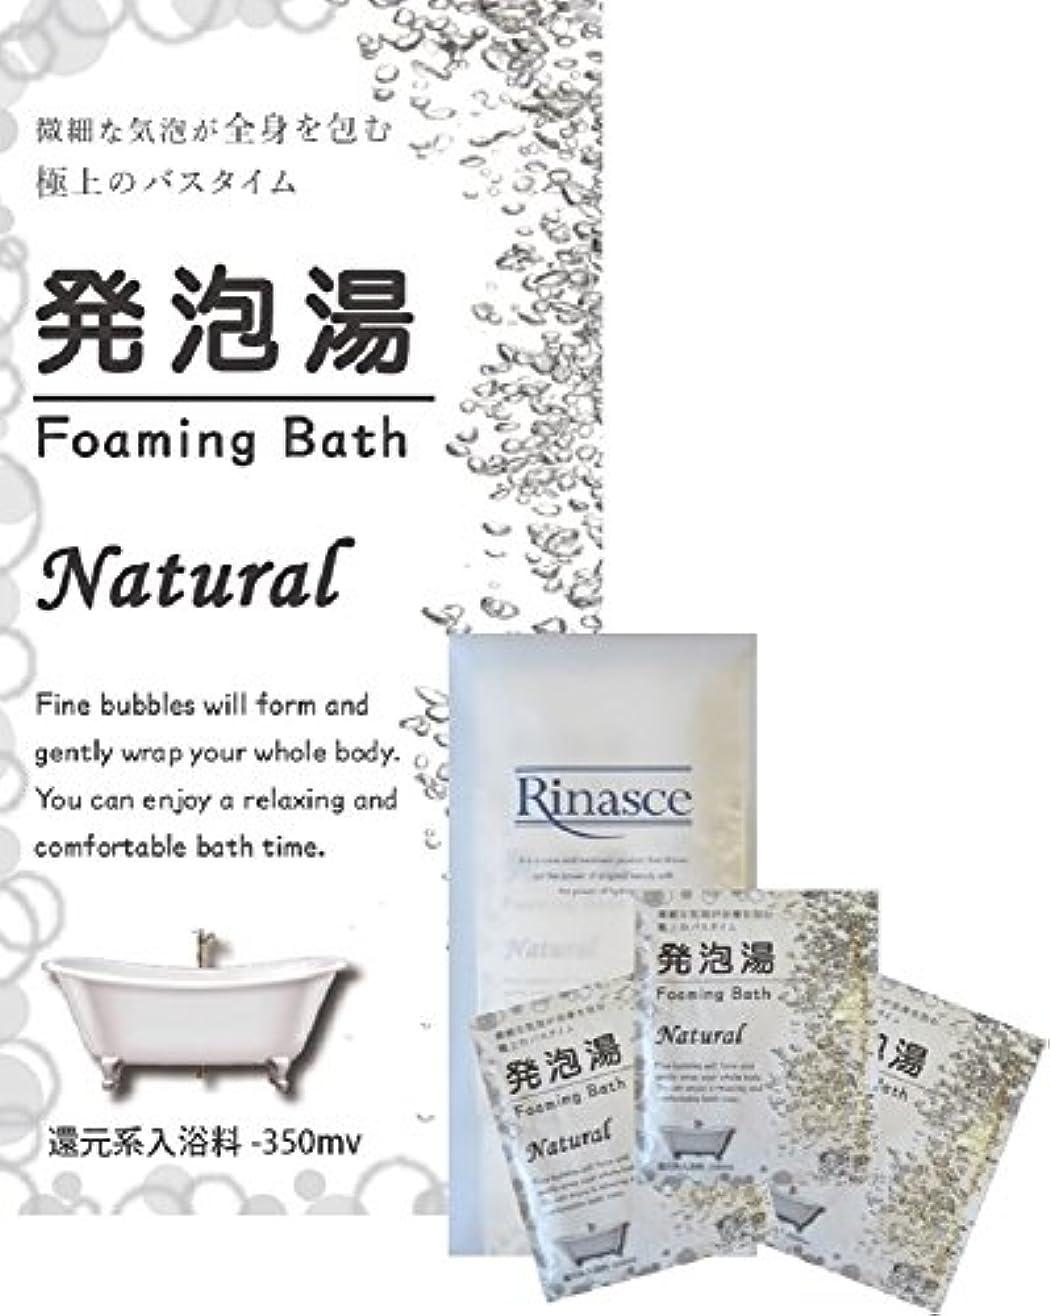 ボウリング移動暖かさ【ゆうメール対象】発泡湯(はっぽうとう) Foaming Bath Natural ナチュラル 40g 3包セット/微細な気泡が全身を包む極上のバスタイム